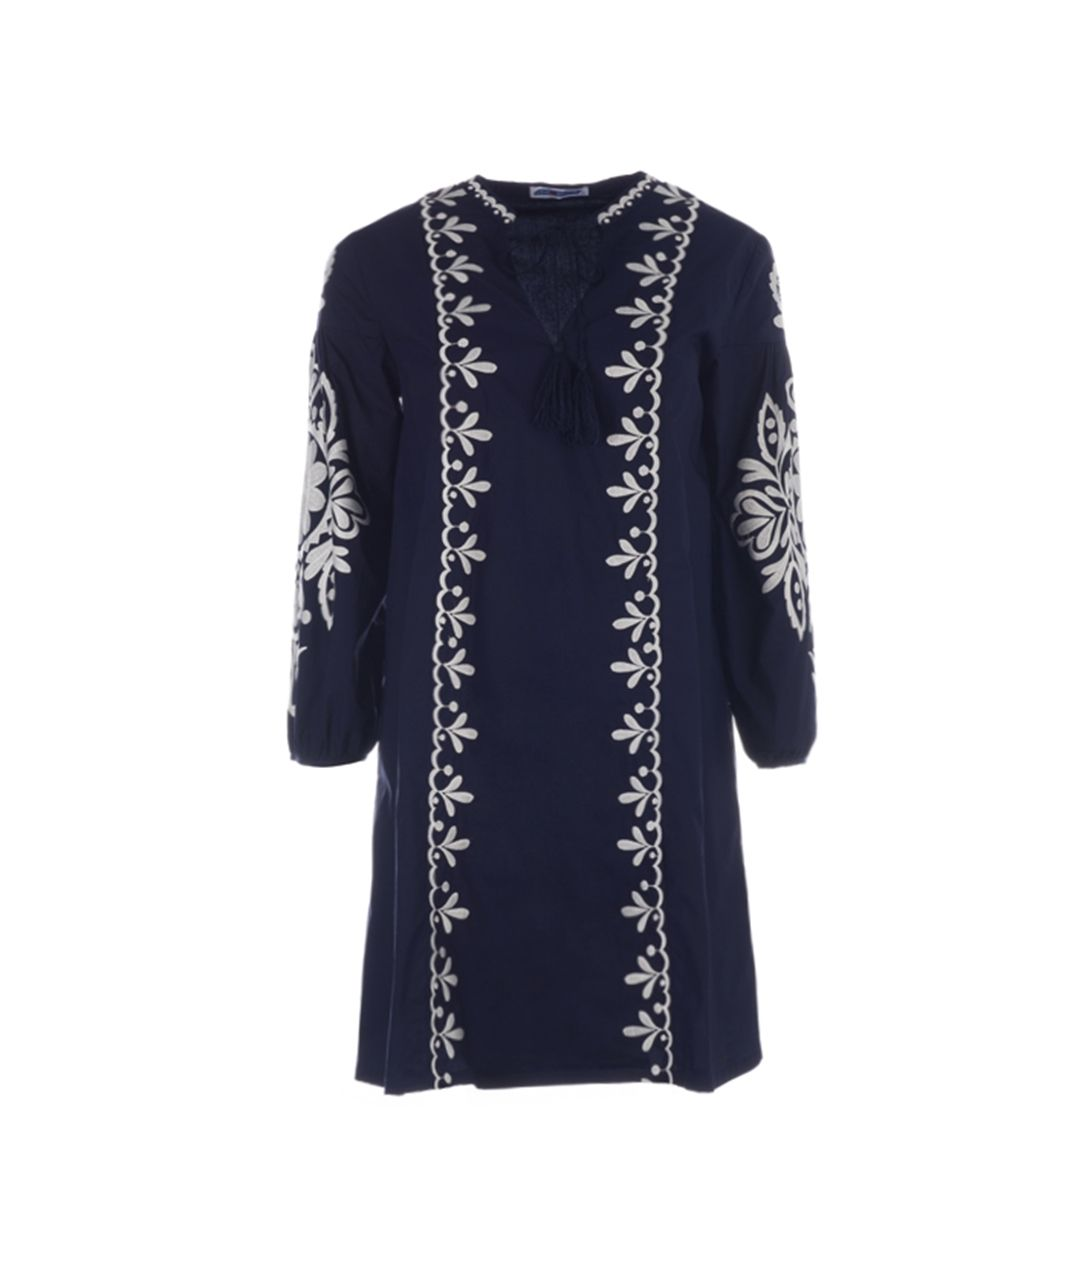 Βρήκαμε τα πιο ωραία boho φορέματα για τις διακοπές σας - Μόδα ... 2275ad93b65